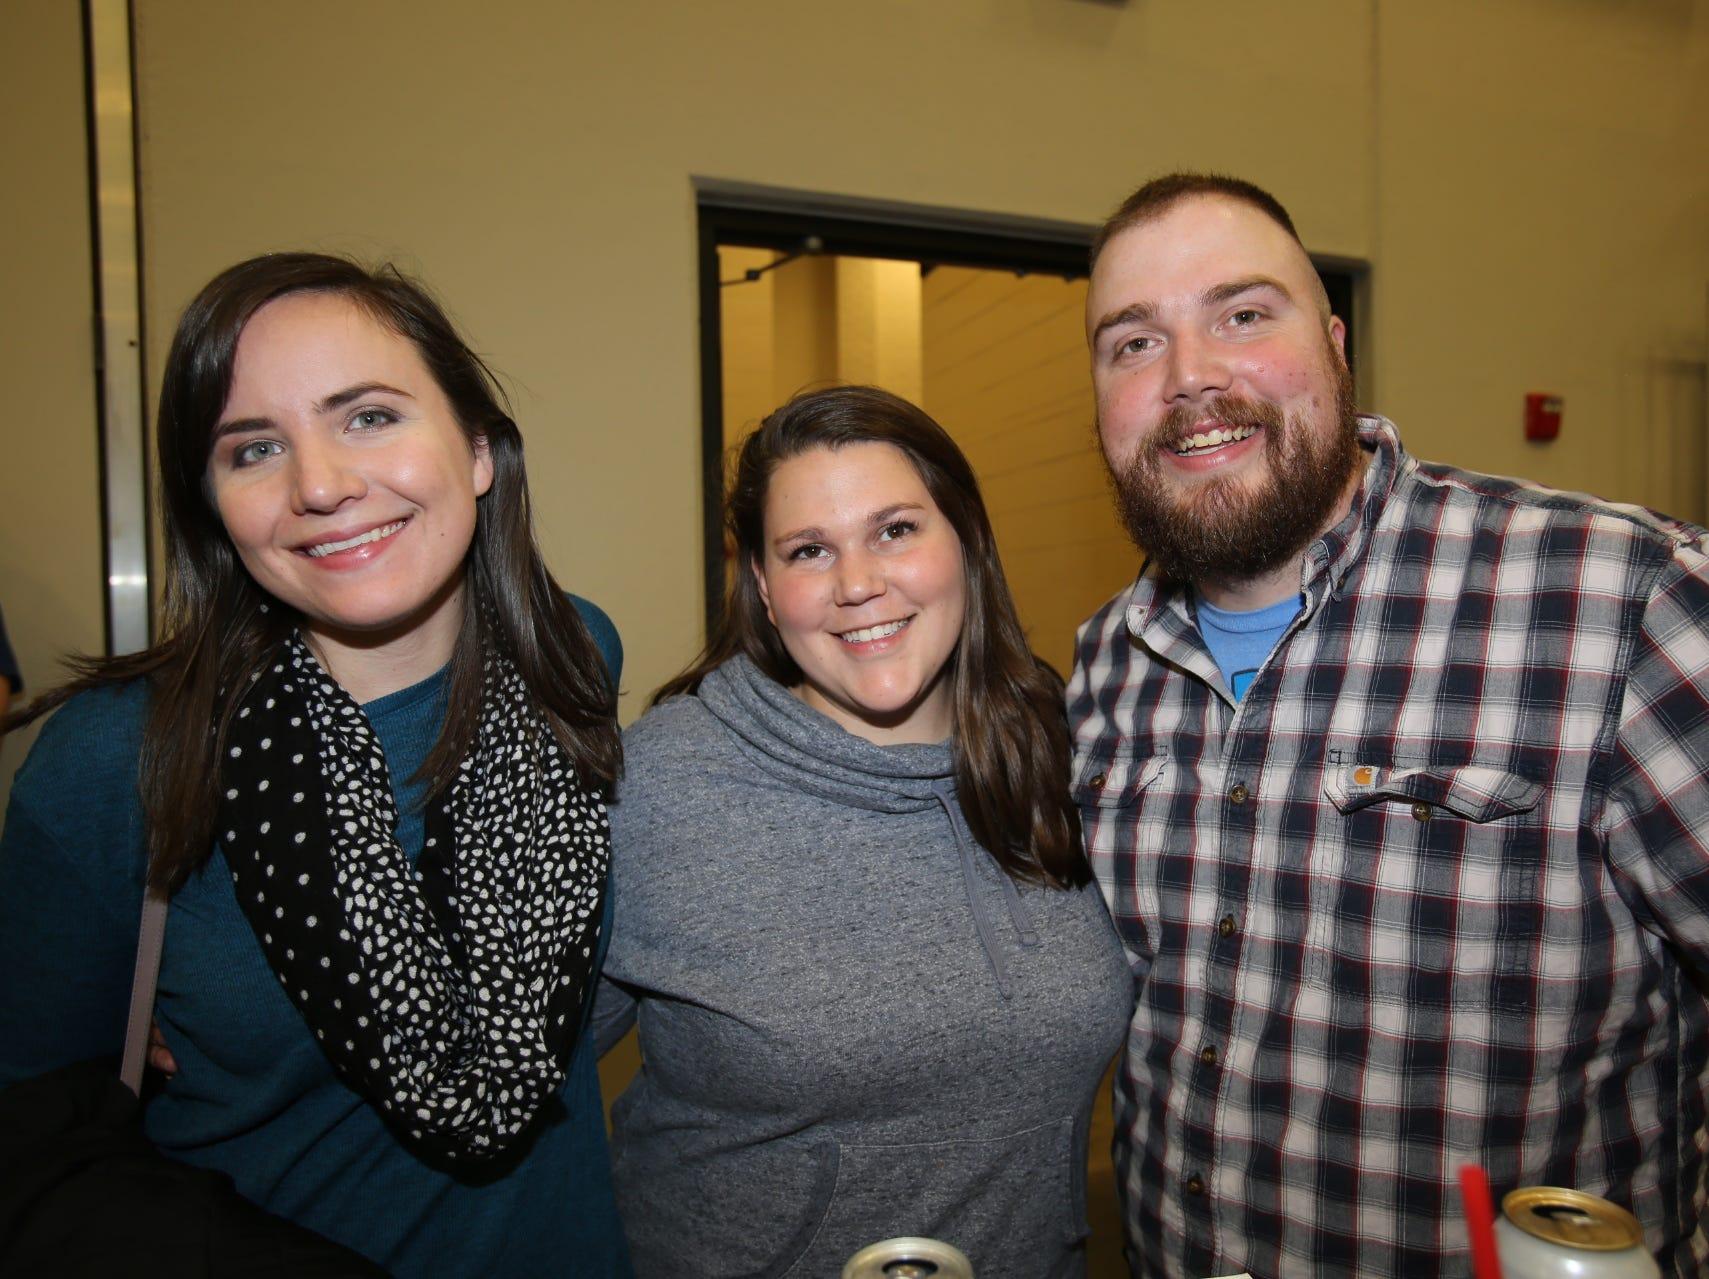 Megan Kocurek and Marisa and Chris Purall